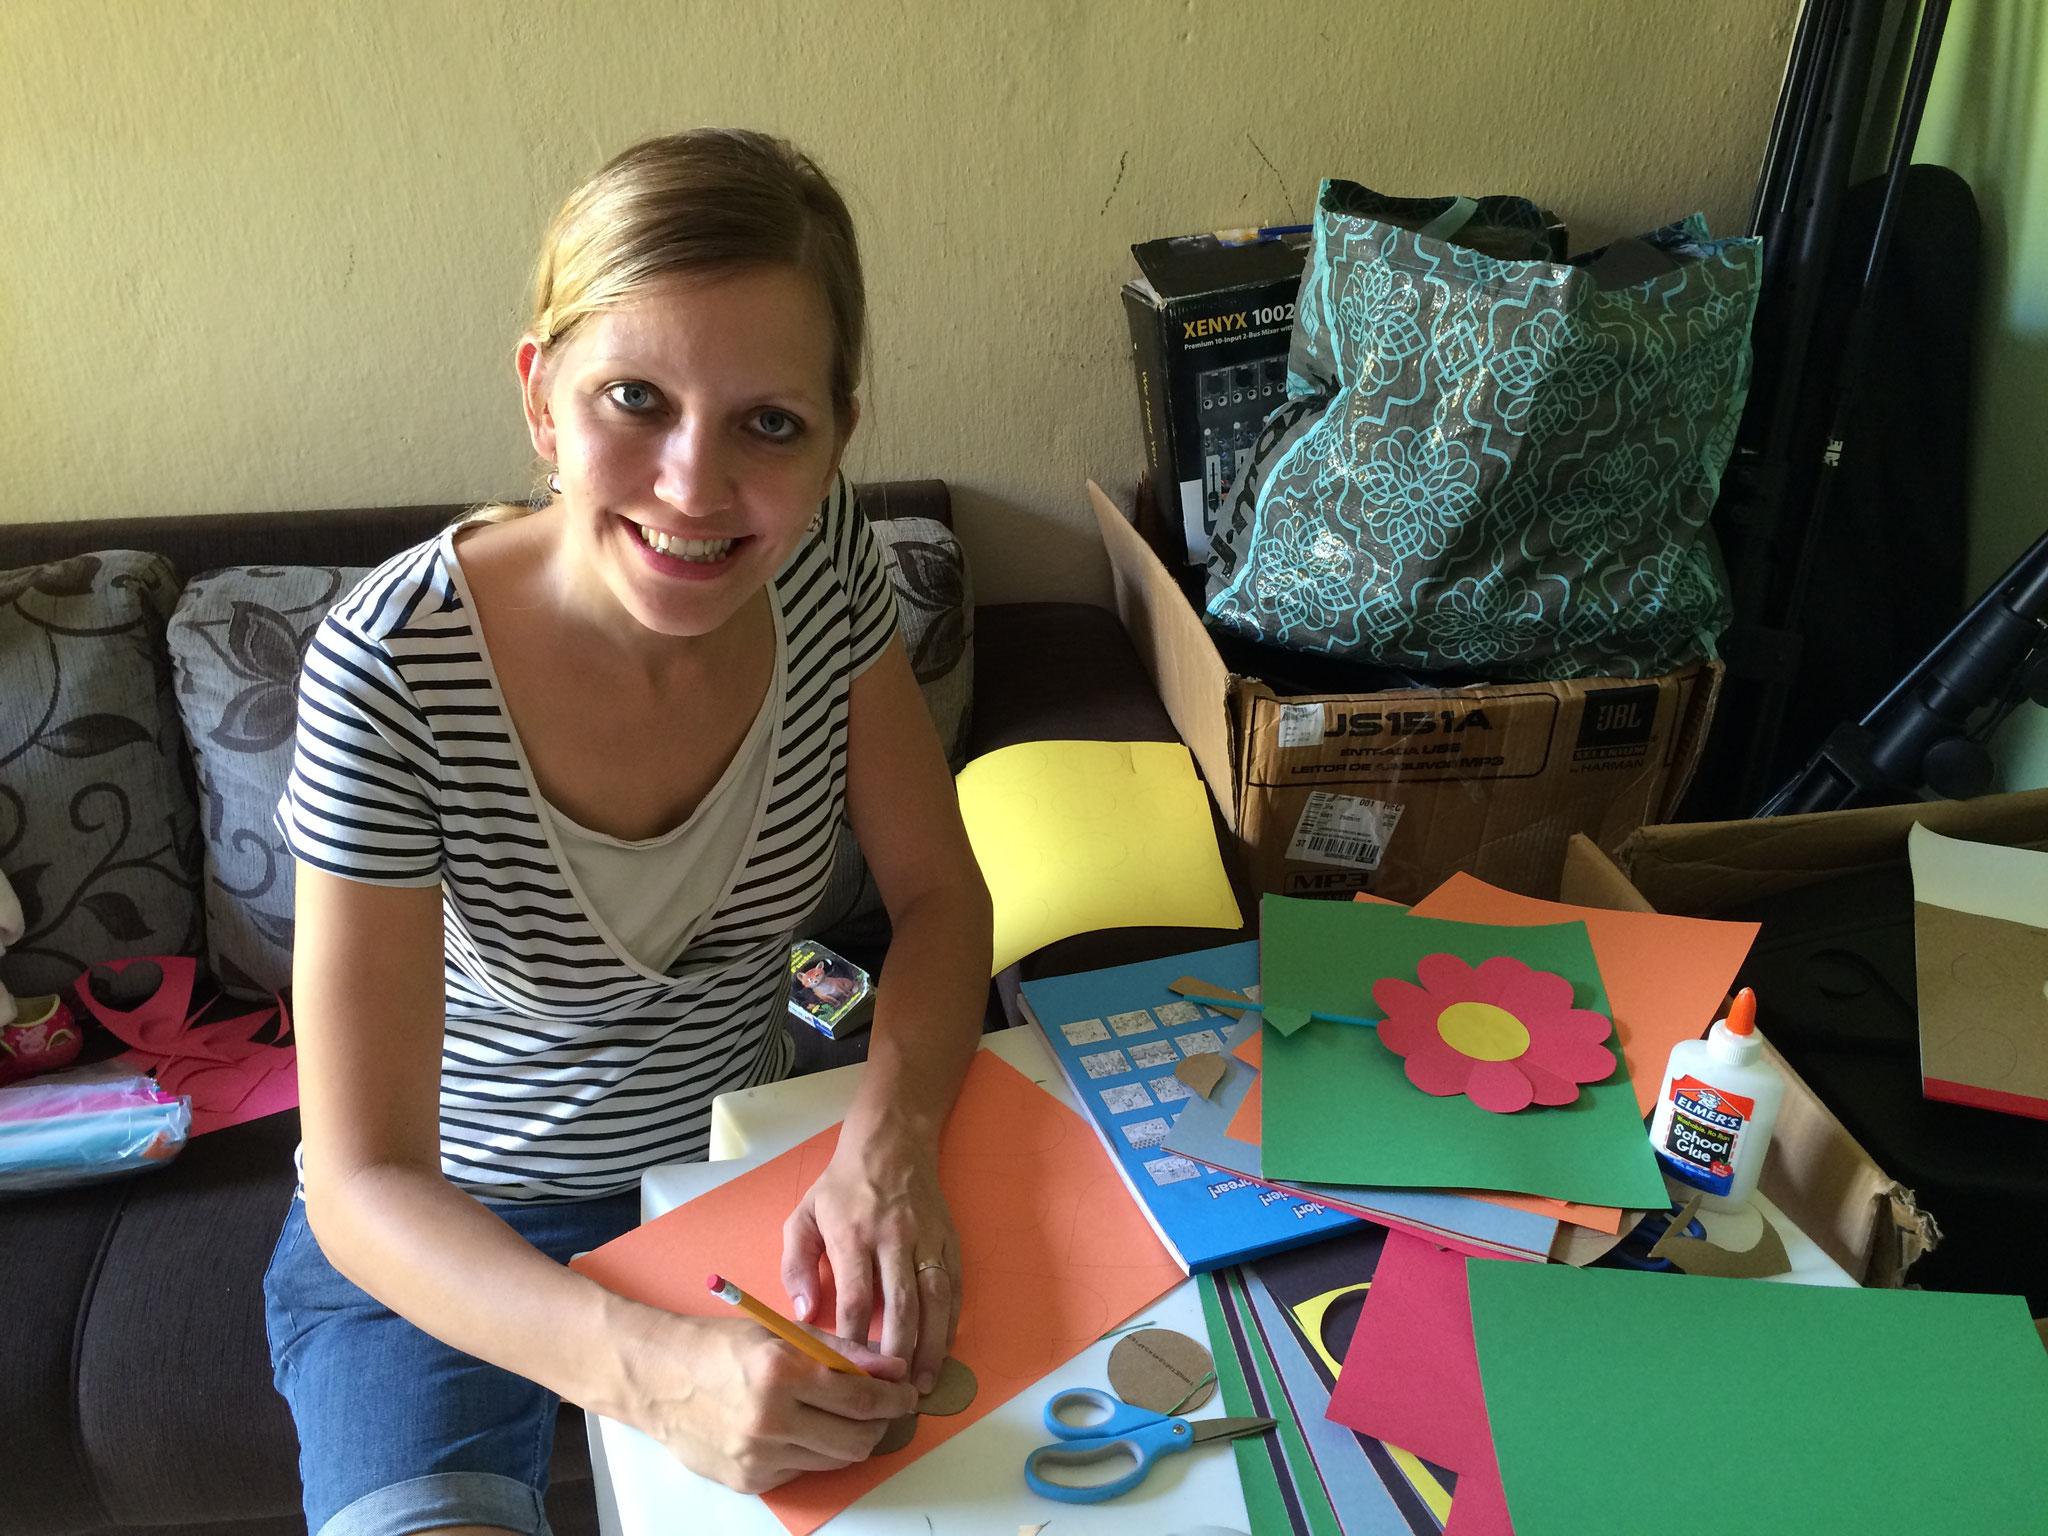 Projeto Esters: Vorbereitung Muttertags-Geschenk